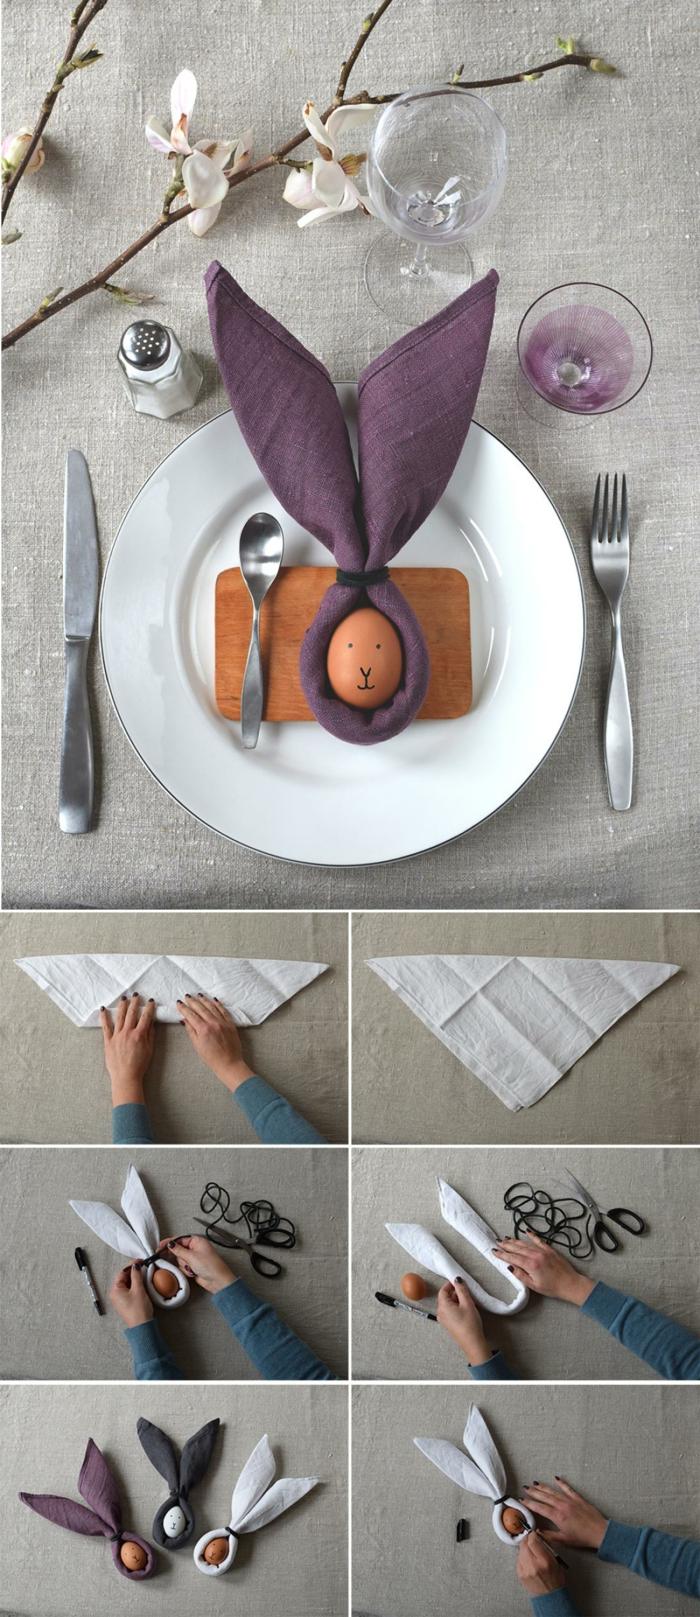 wie falte ich Servietten mit Hasenohren zu Ostern, DIY Anleitung für Servietten falten Ostern, Osterdekoration selber machen